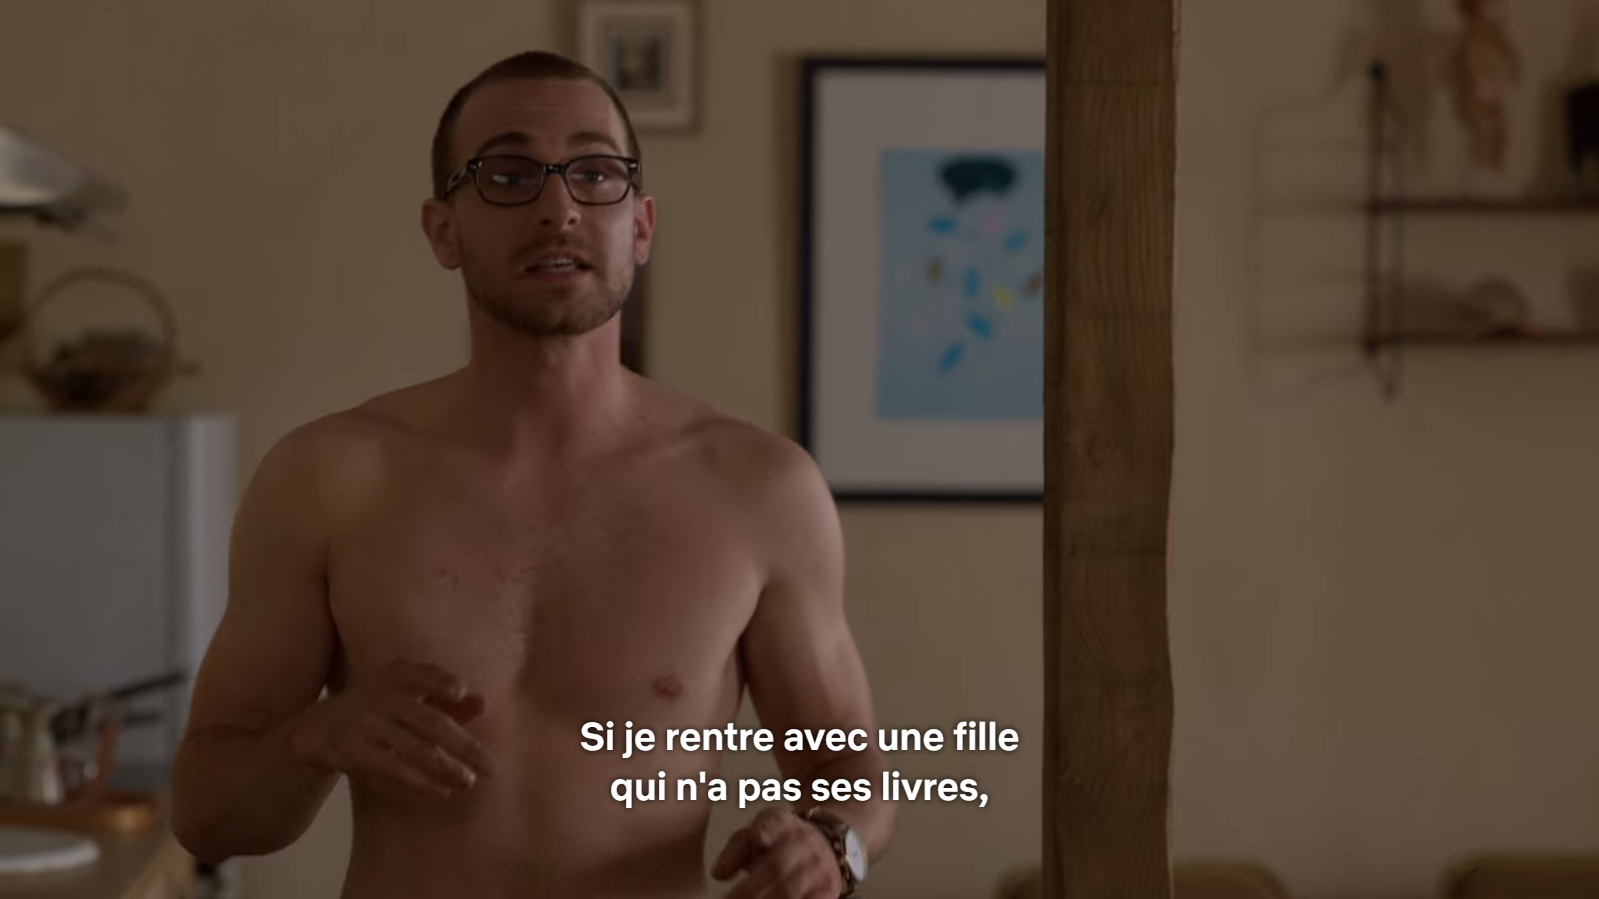 L'amant français est aussi d'un snobisme absolu. L'arrogance est une spécialité locale.